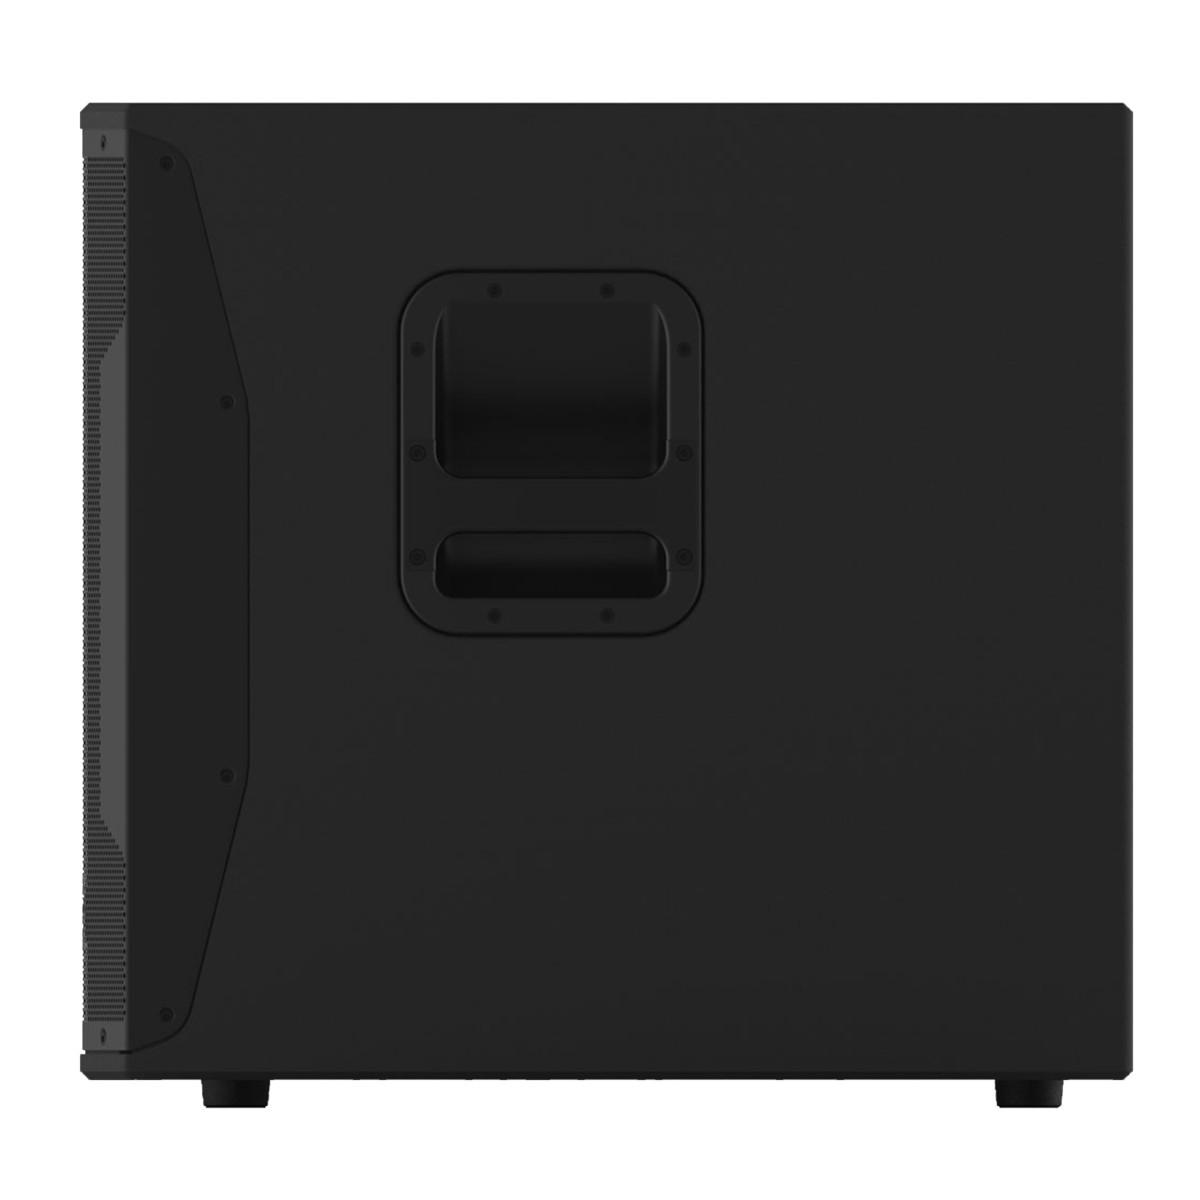 mackie srm1850 18 inch active subwoofer speaker at. Black Bedroom Furniture Sets. Home Design Ideas